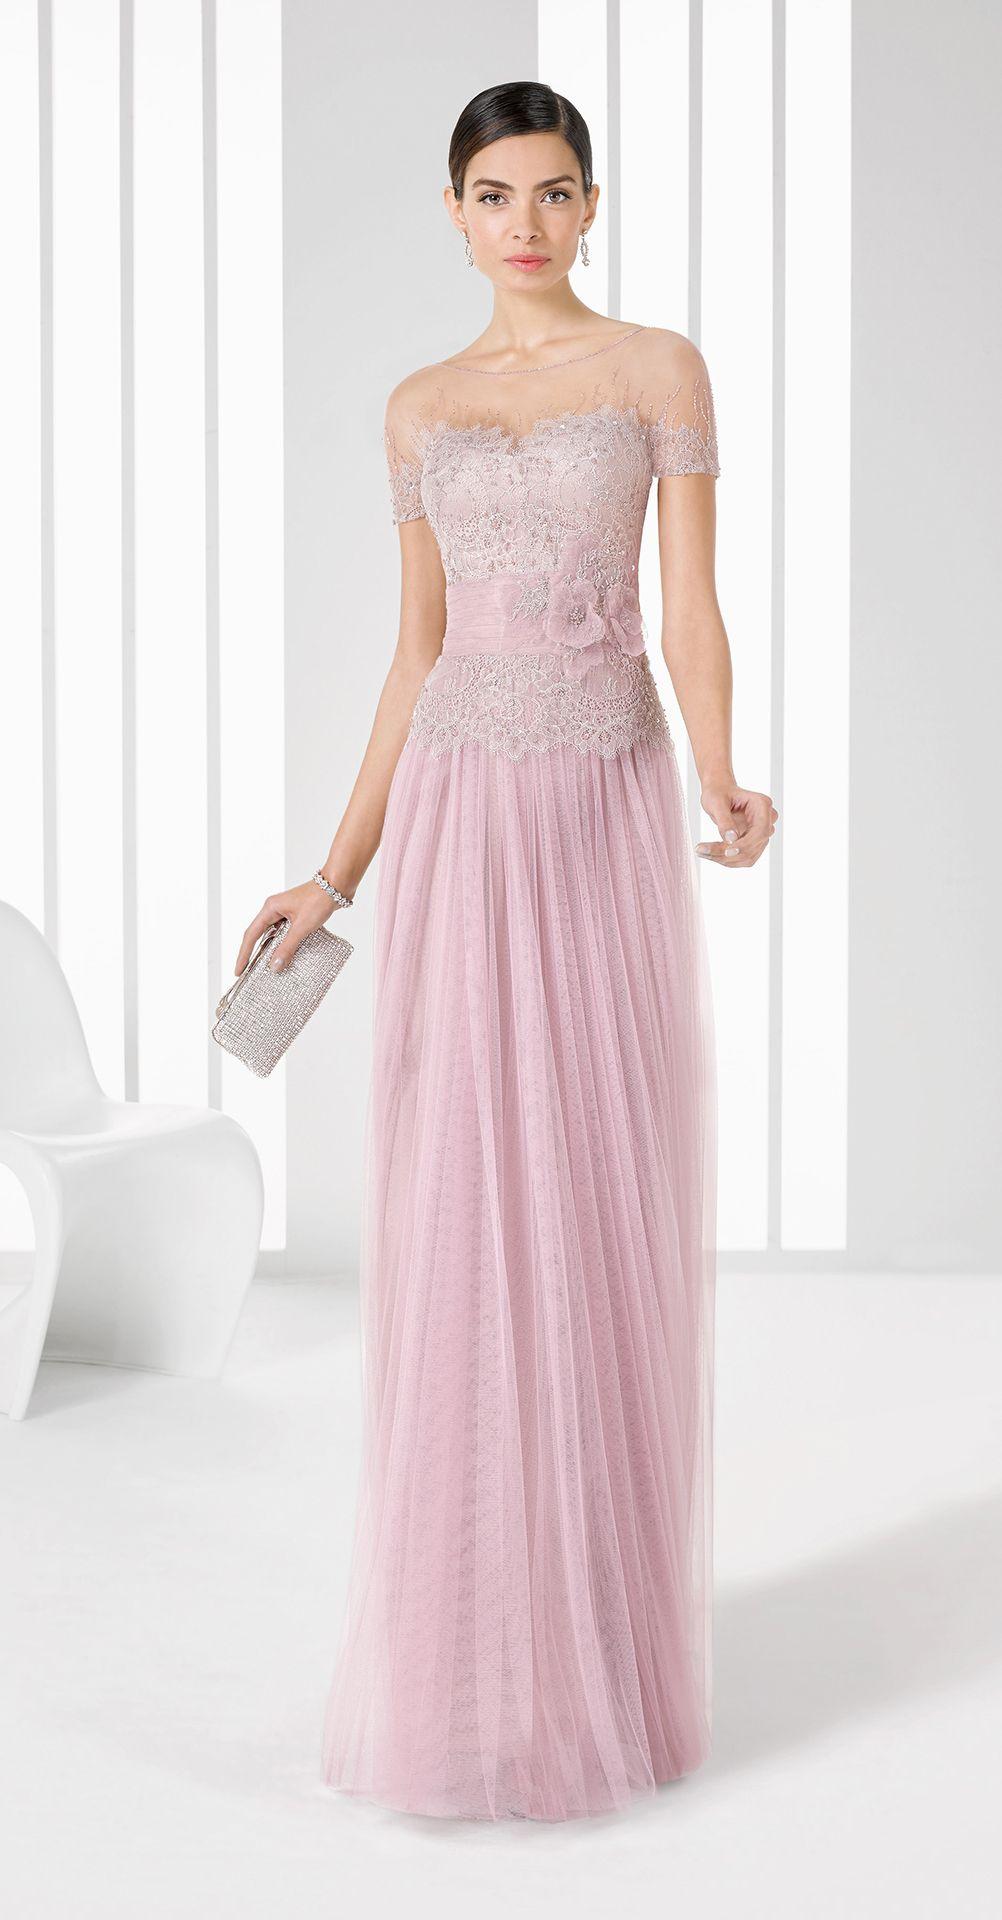 Vestidos para graduacion color rosa pastel